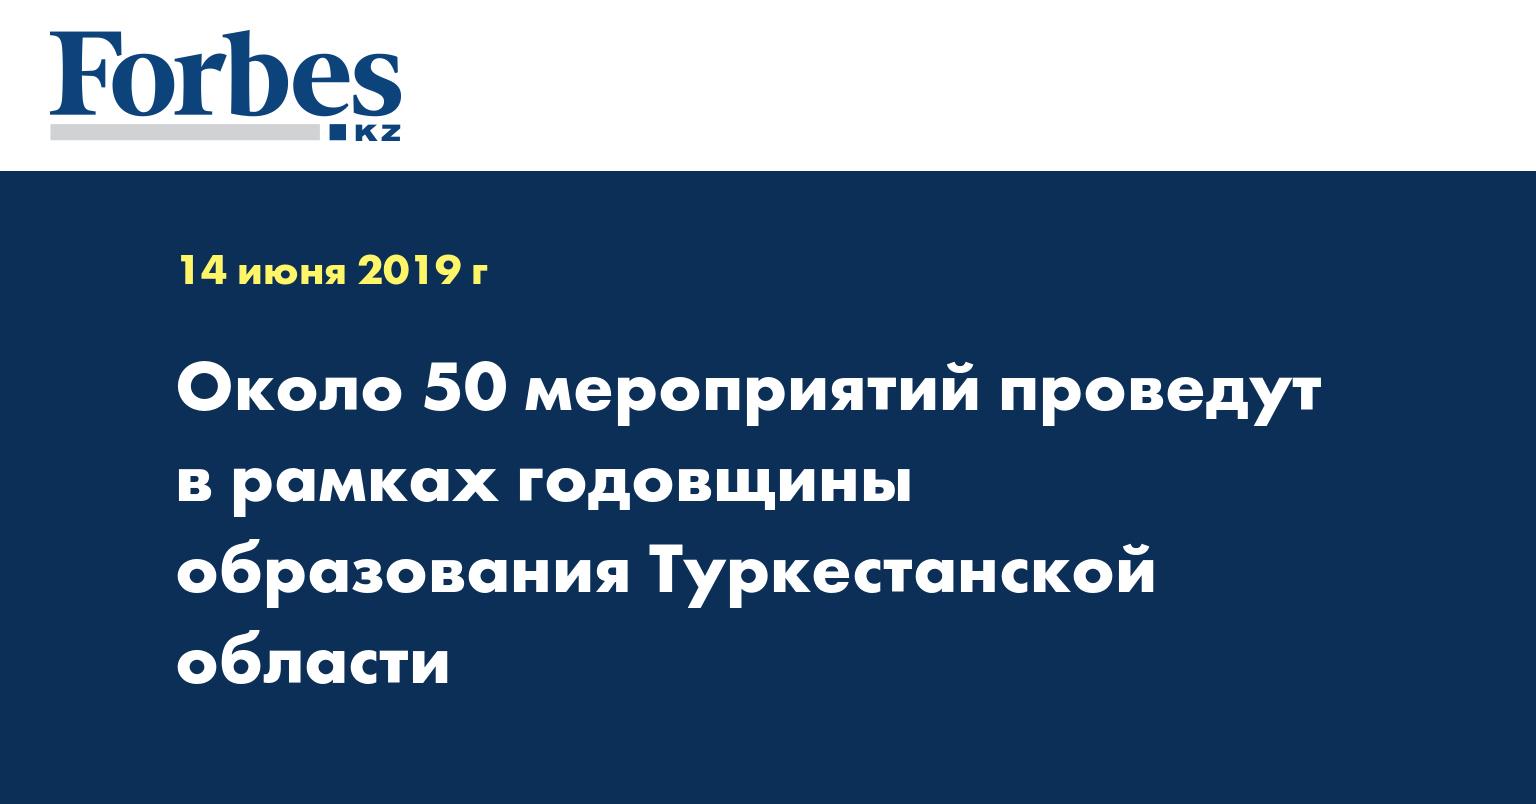 Около 50 мероприятий проведут в рамках годовщины образования Туркестанской области